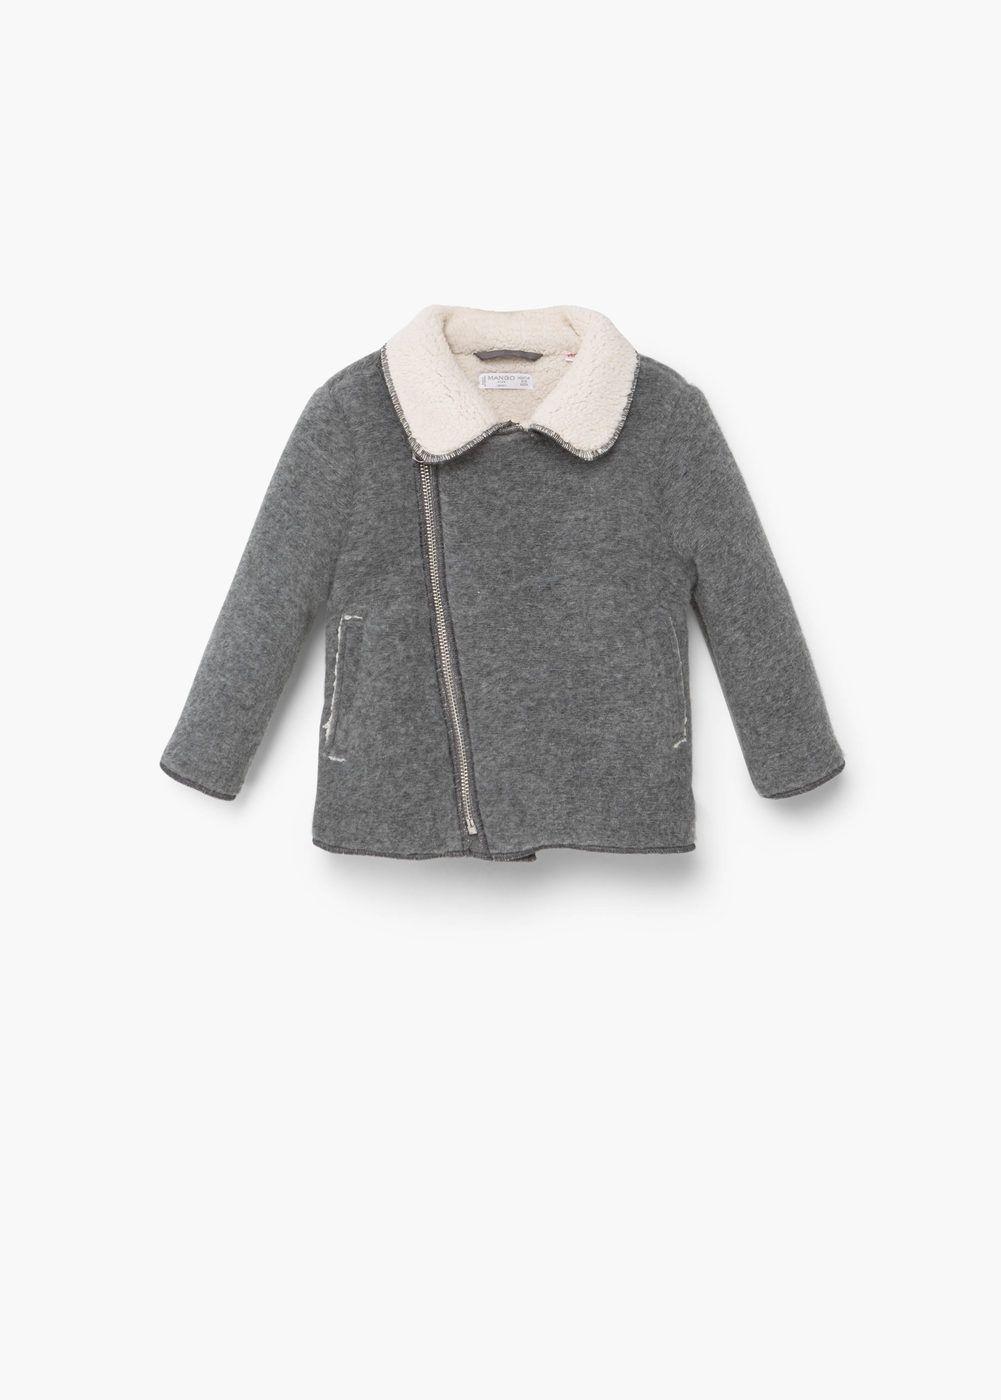 magasin en ligne 4af9c b5471 Manteau imitation mouton - Garçon | 2 ans Aaron | Mode bébé ...